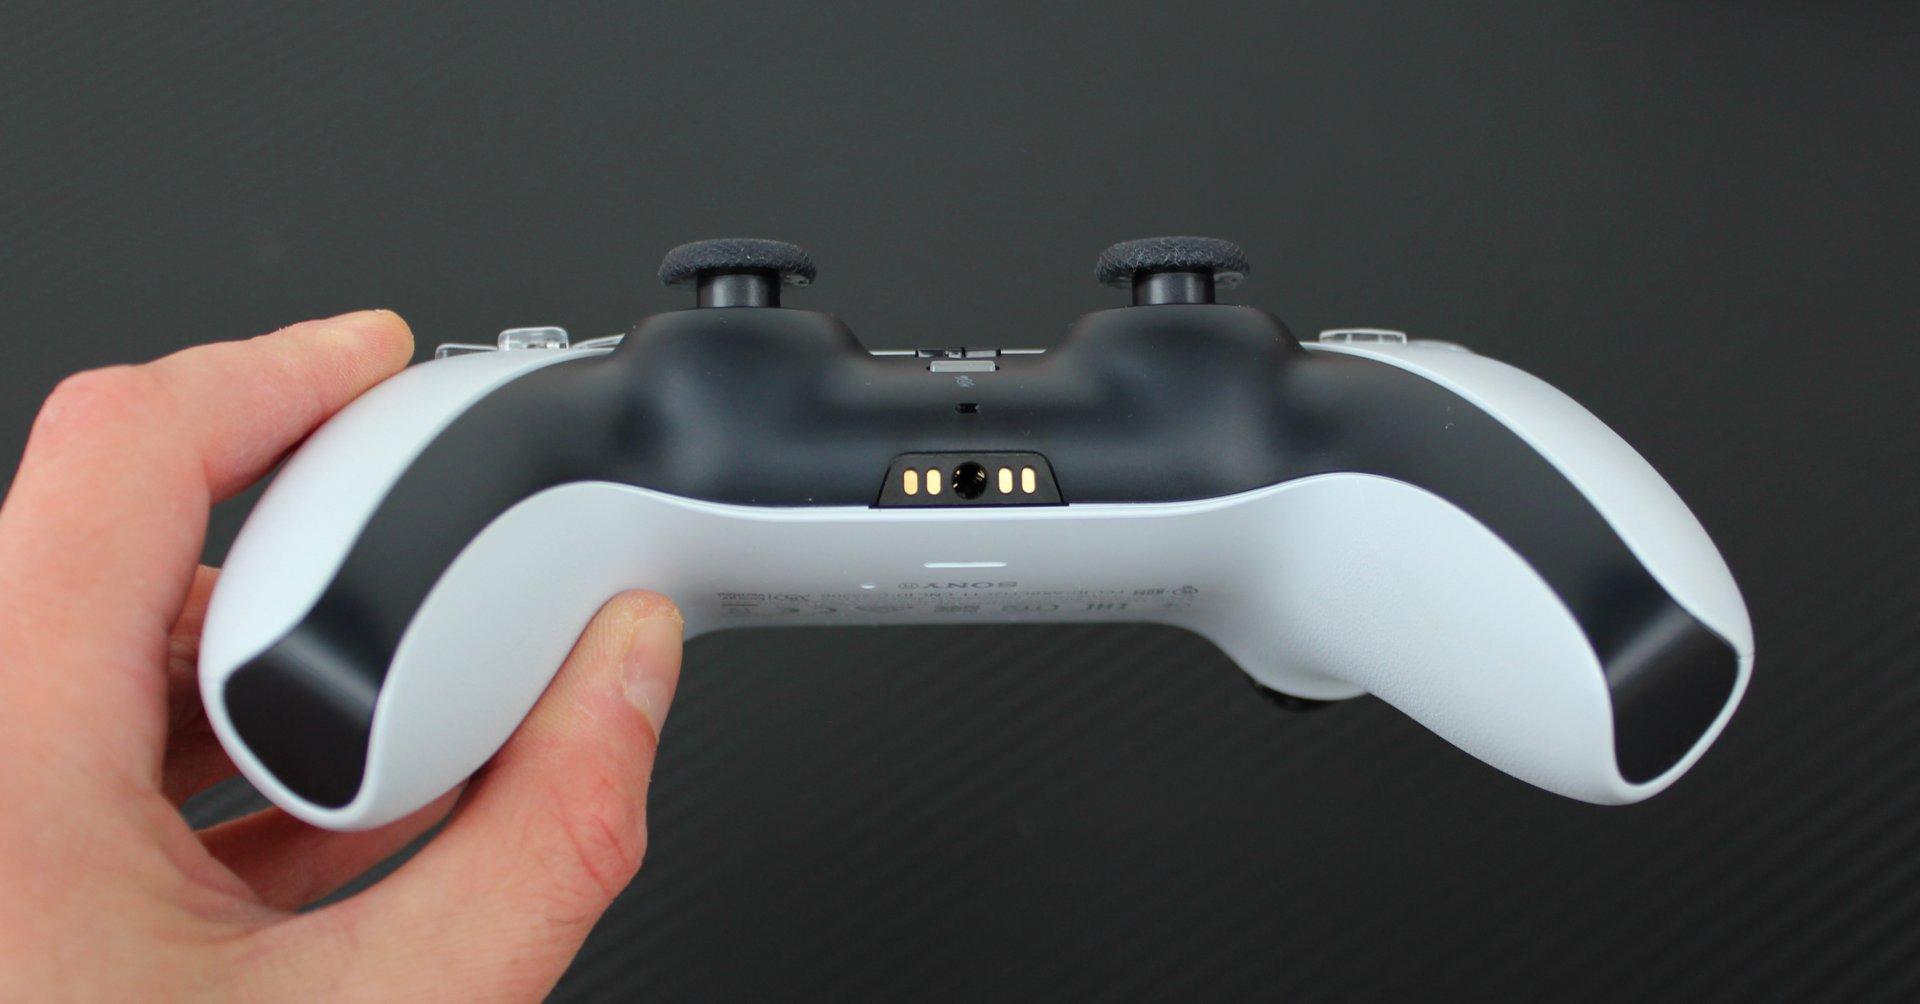 Vzadu je konektor pre pripojenie slúchadiel či headsetu.